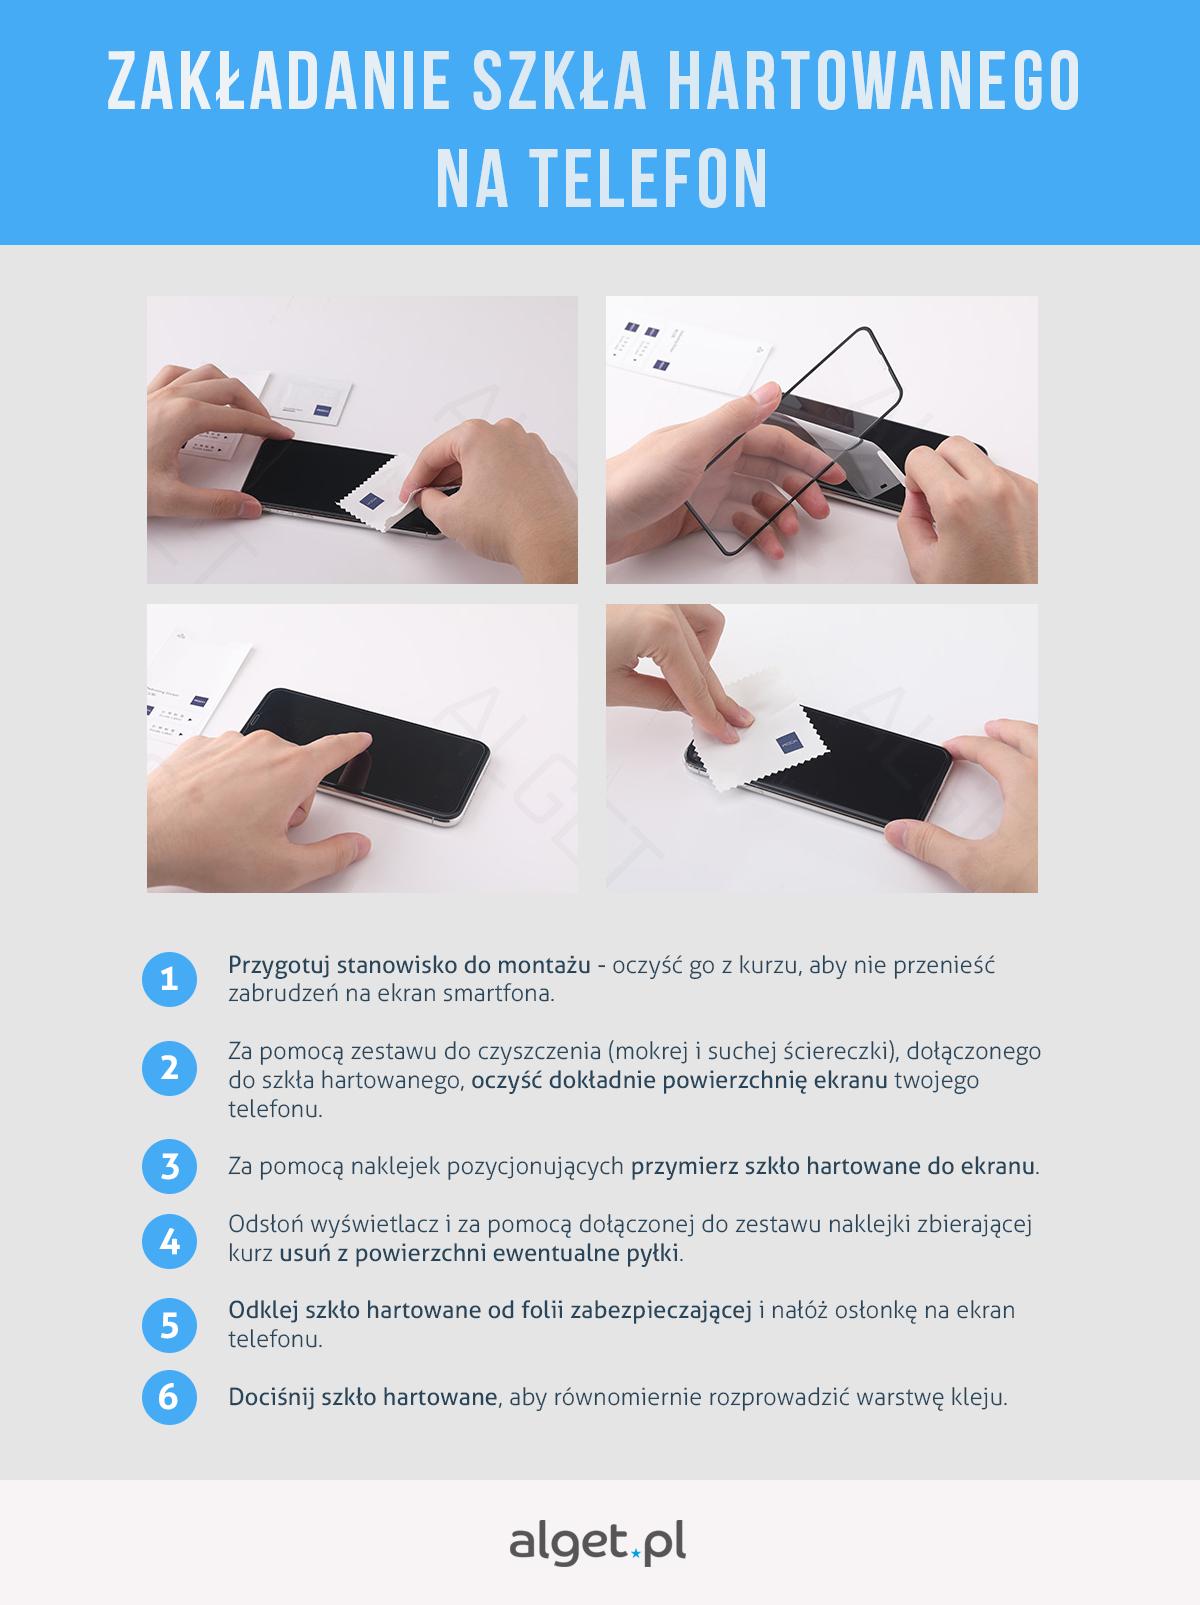 Zakładanie szkła hartowanego na telefon